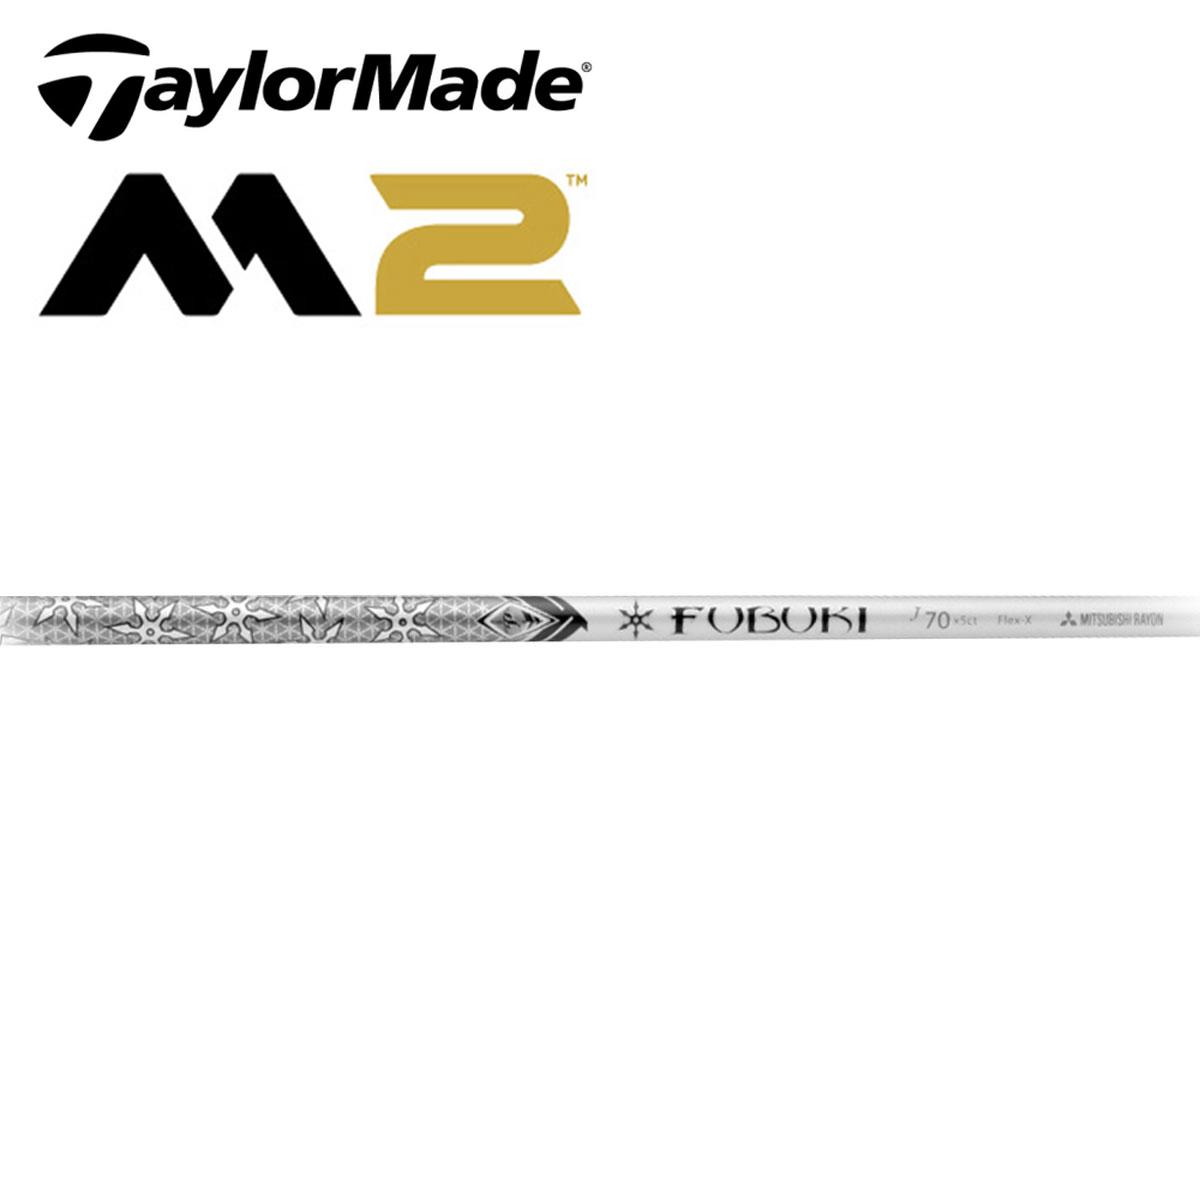 FUBUKI Jシリーズ M2 ドライバーロフト9.5度用スリーブ付きシャフト 2016年モデル【テーラーメイド専用】